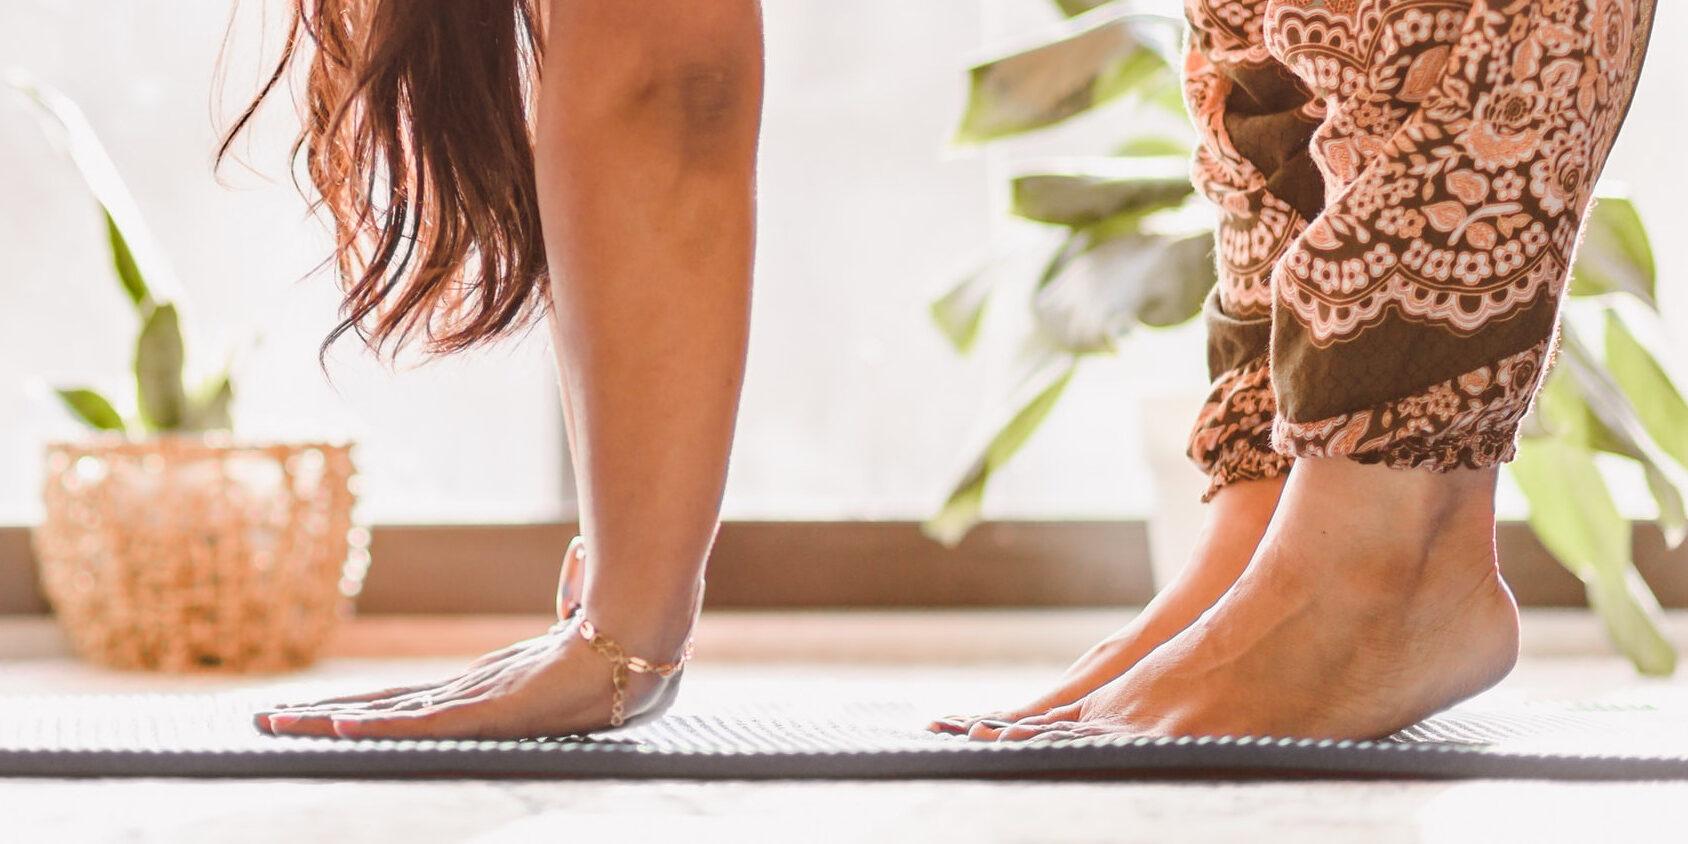 Haaremihousuihin pukeutuneen naisen kädet ja jalat joogamatolla